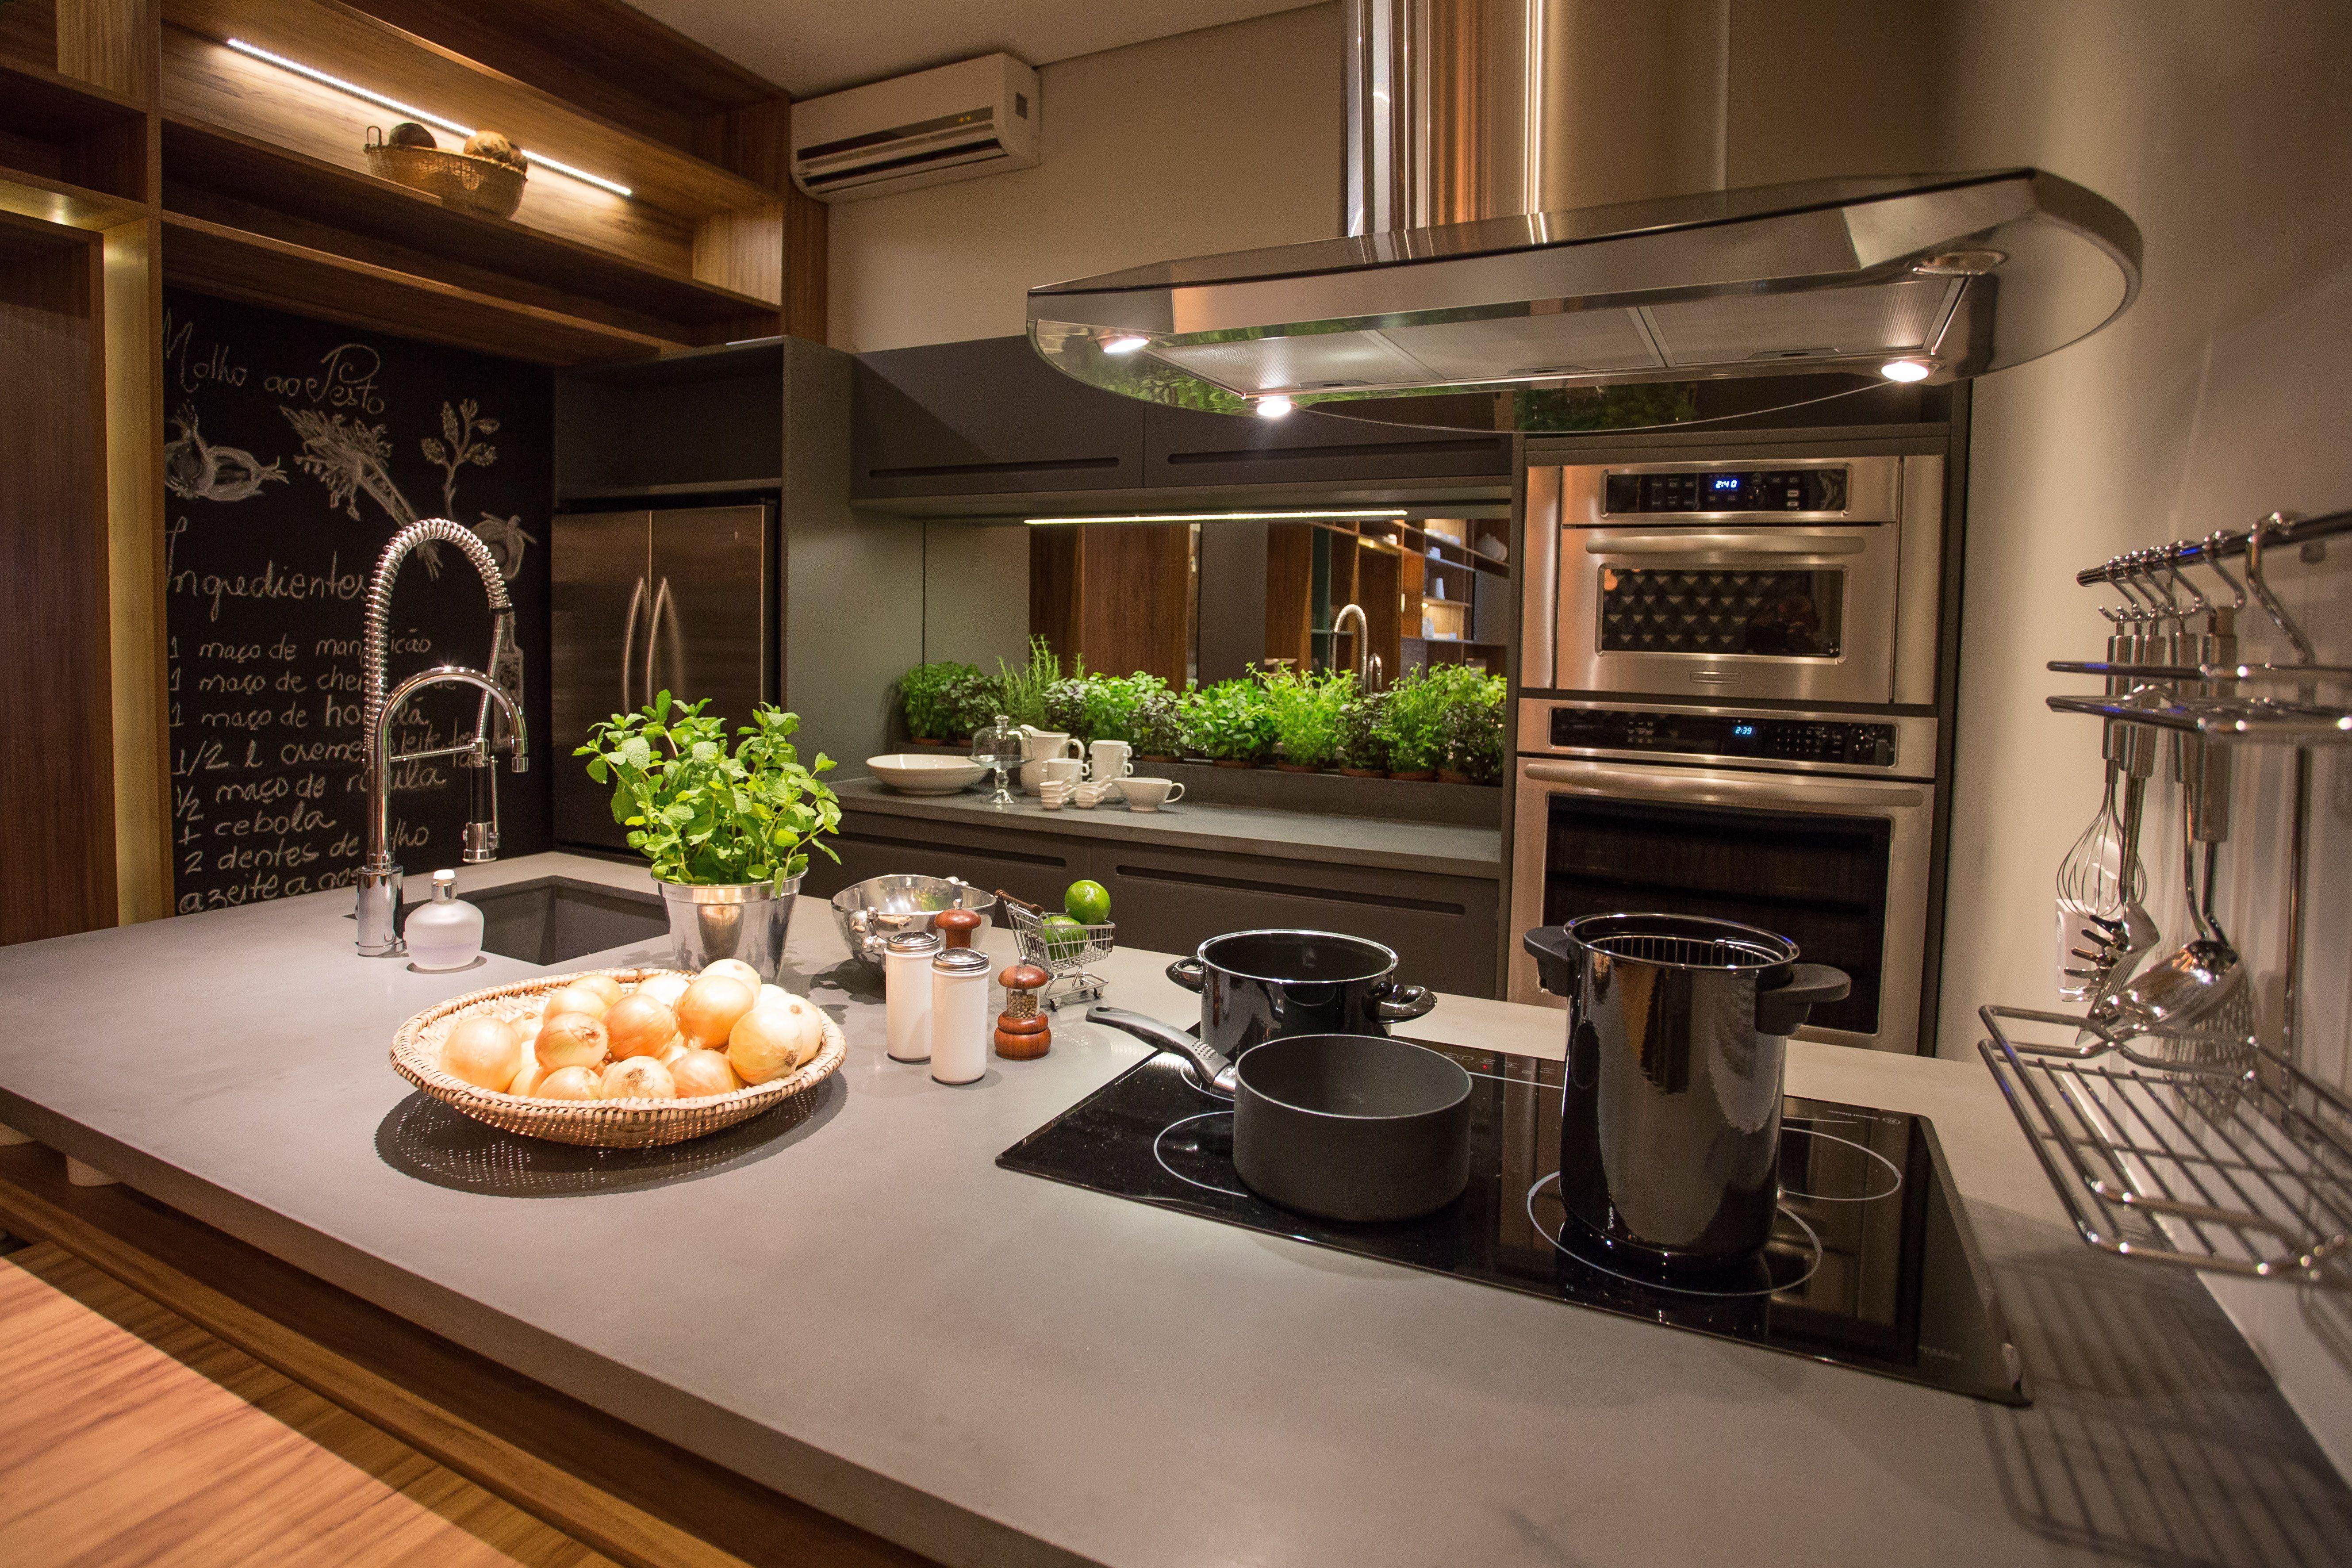 Cozinha Integrada Aposta Na Madeira E Em M Veis Multi So Kitchens